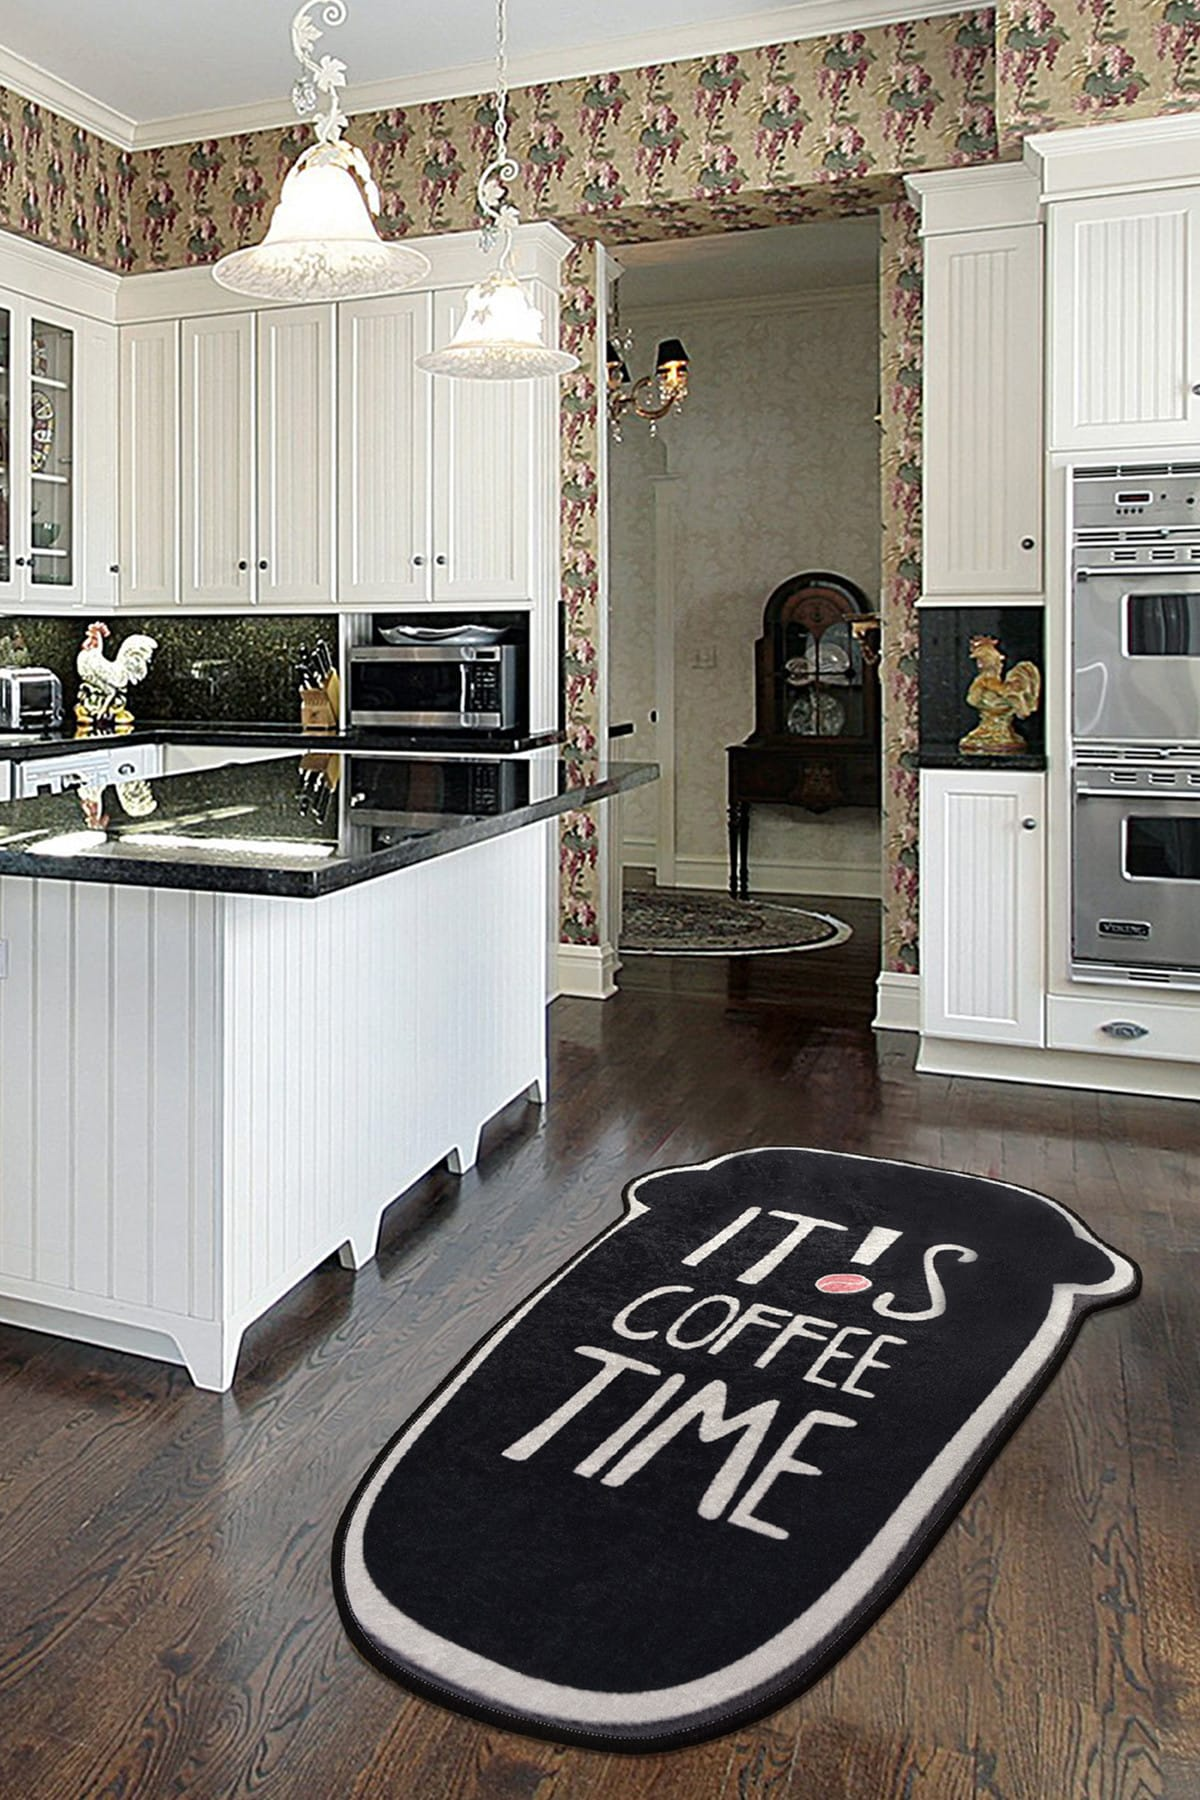 سجادة مطبخ لغرفة المعيشة ، ديكور حديث ، مساحة صغيرة قابلة للغسل ، إكسسوار ديكور ، تركيا ، 80 × 120 سنتيمتر